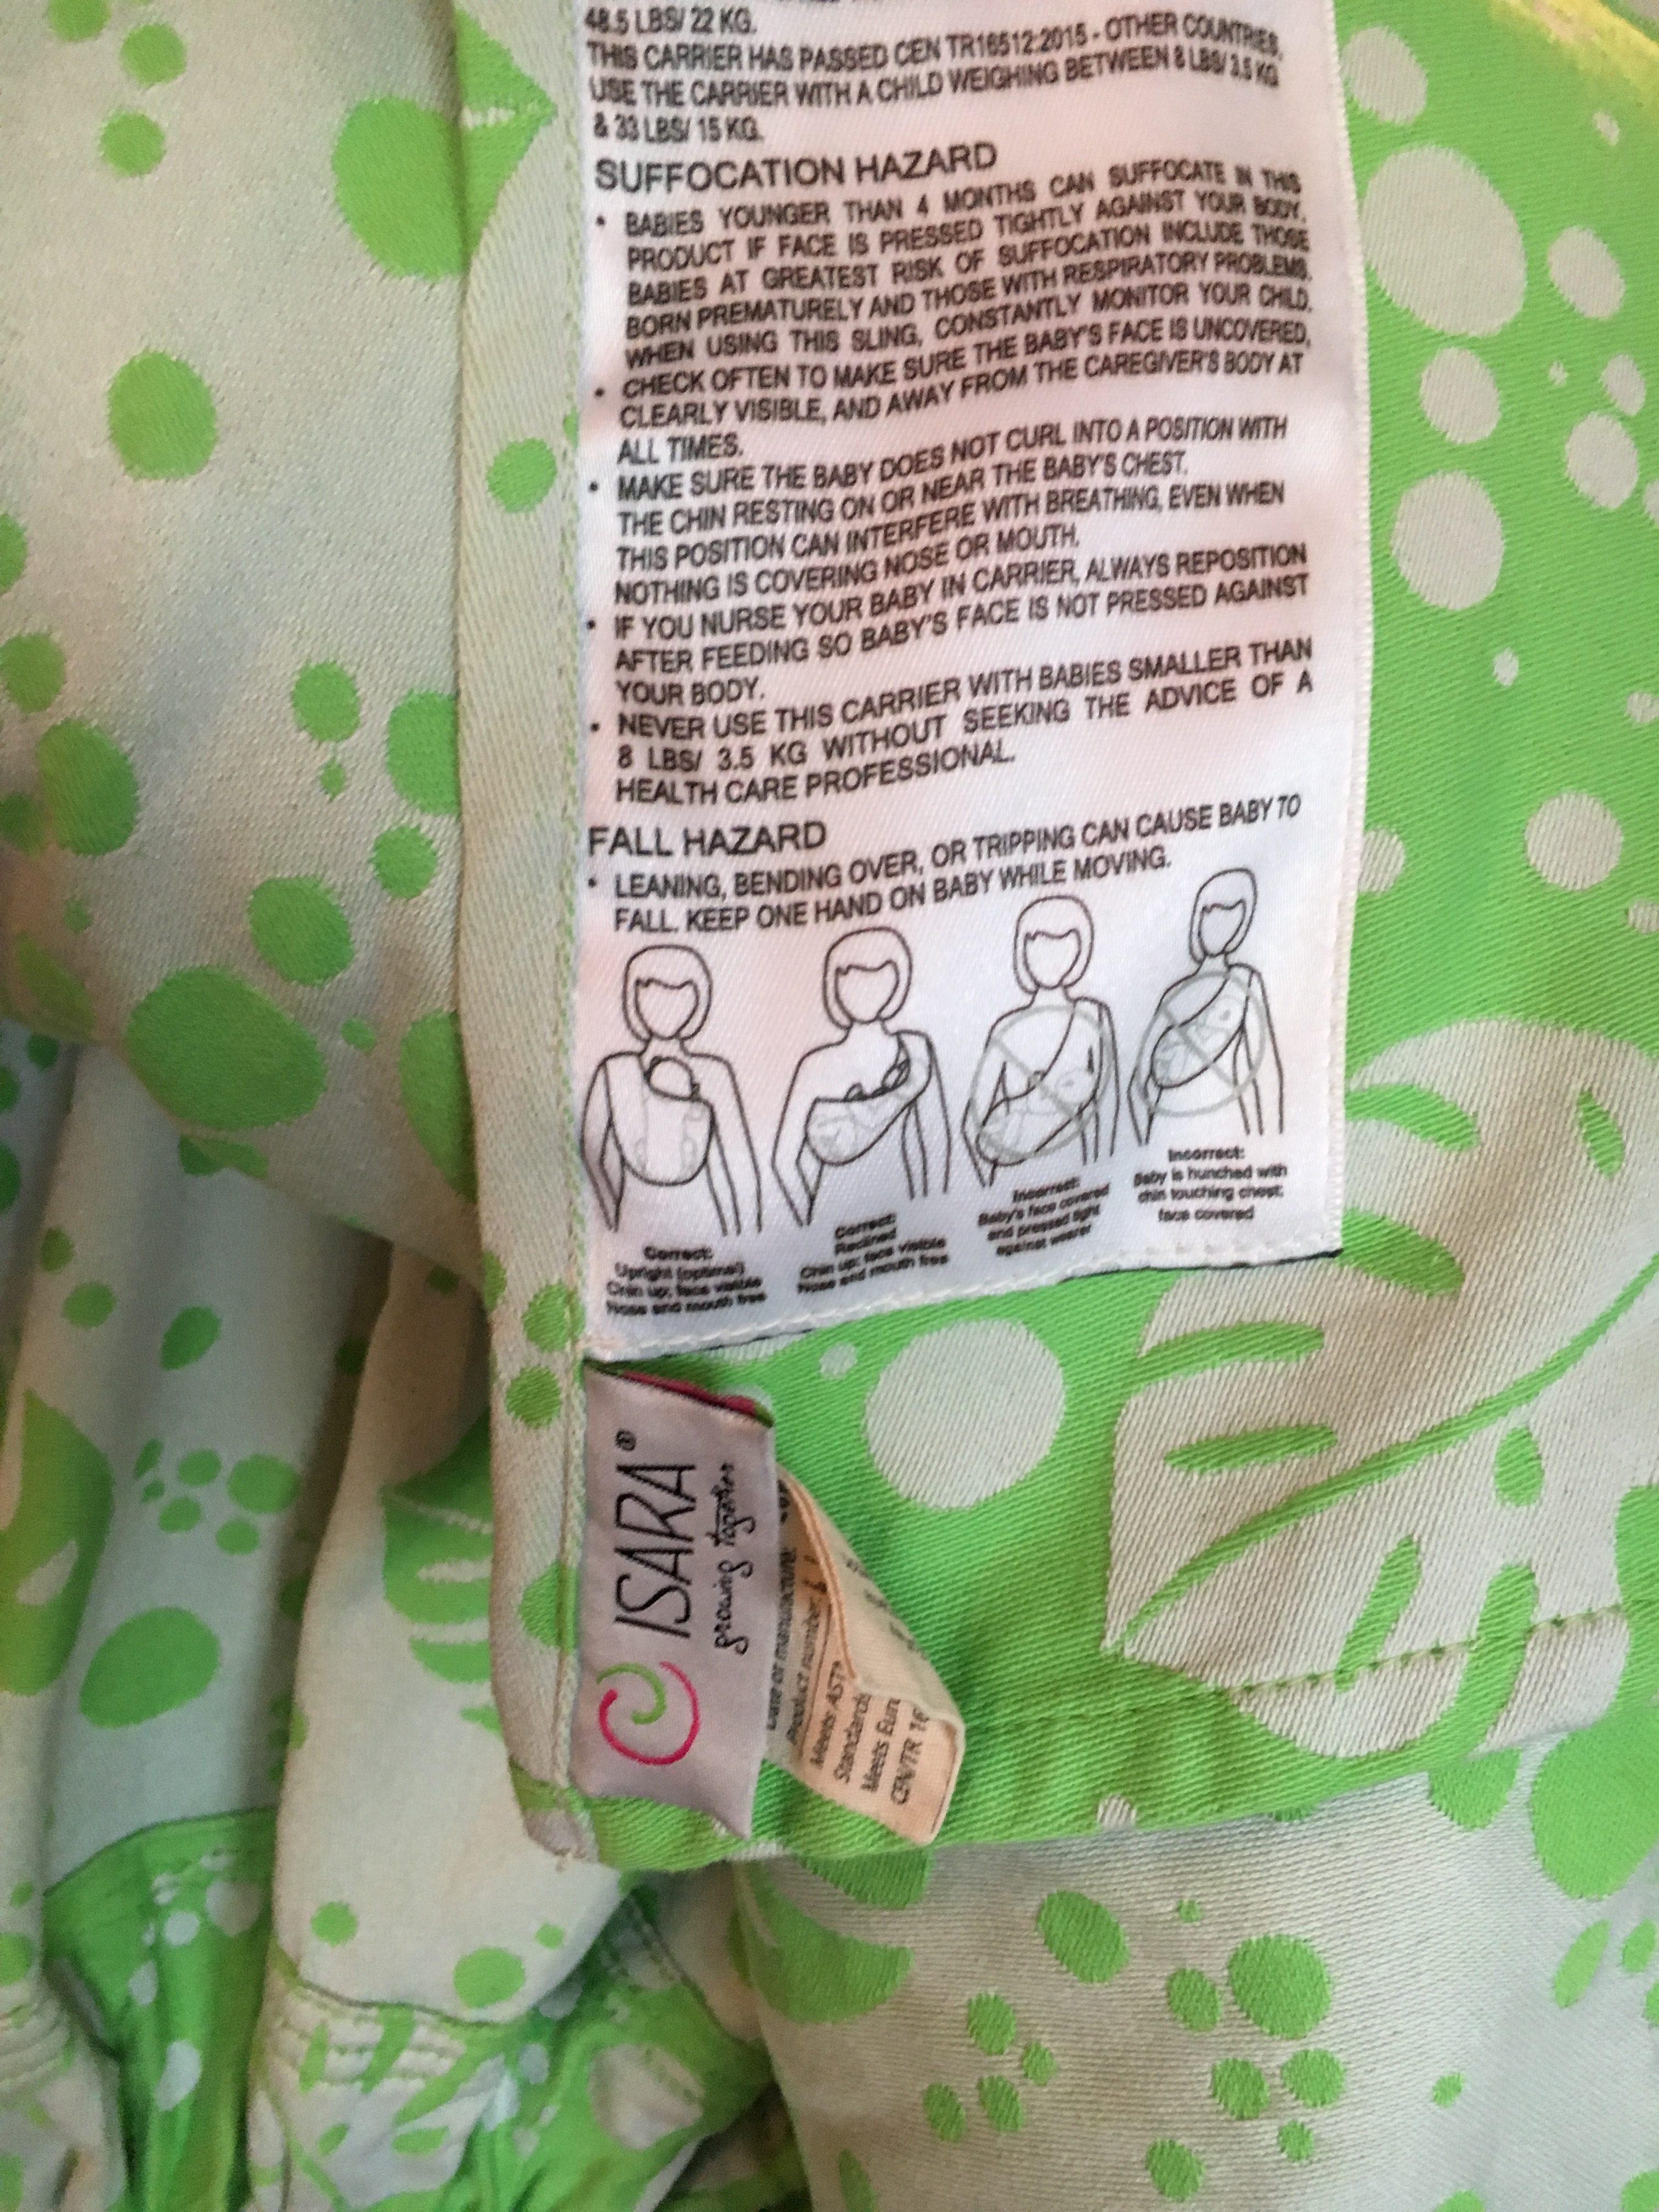 isara woven wrap warning